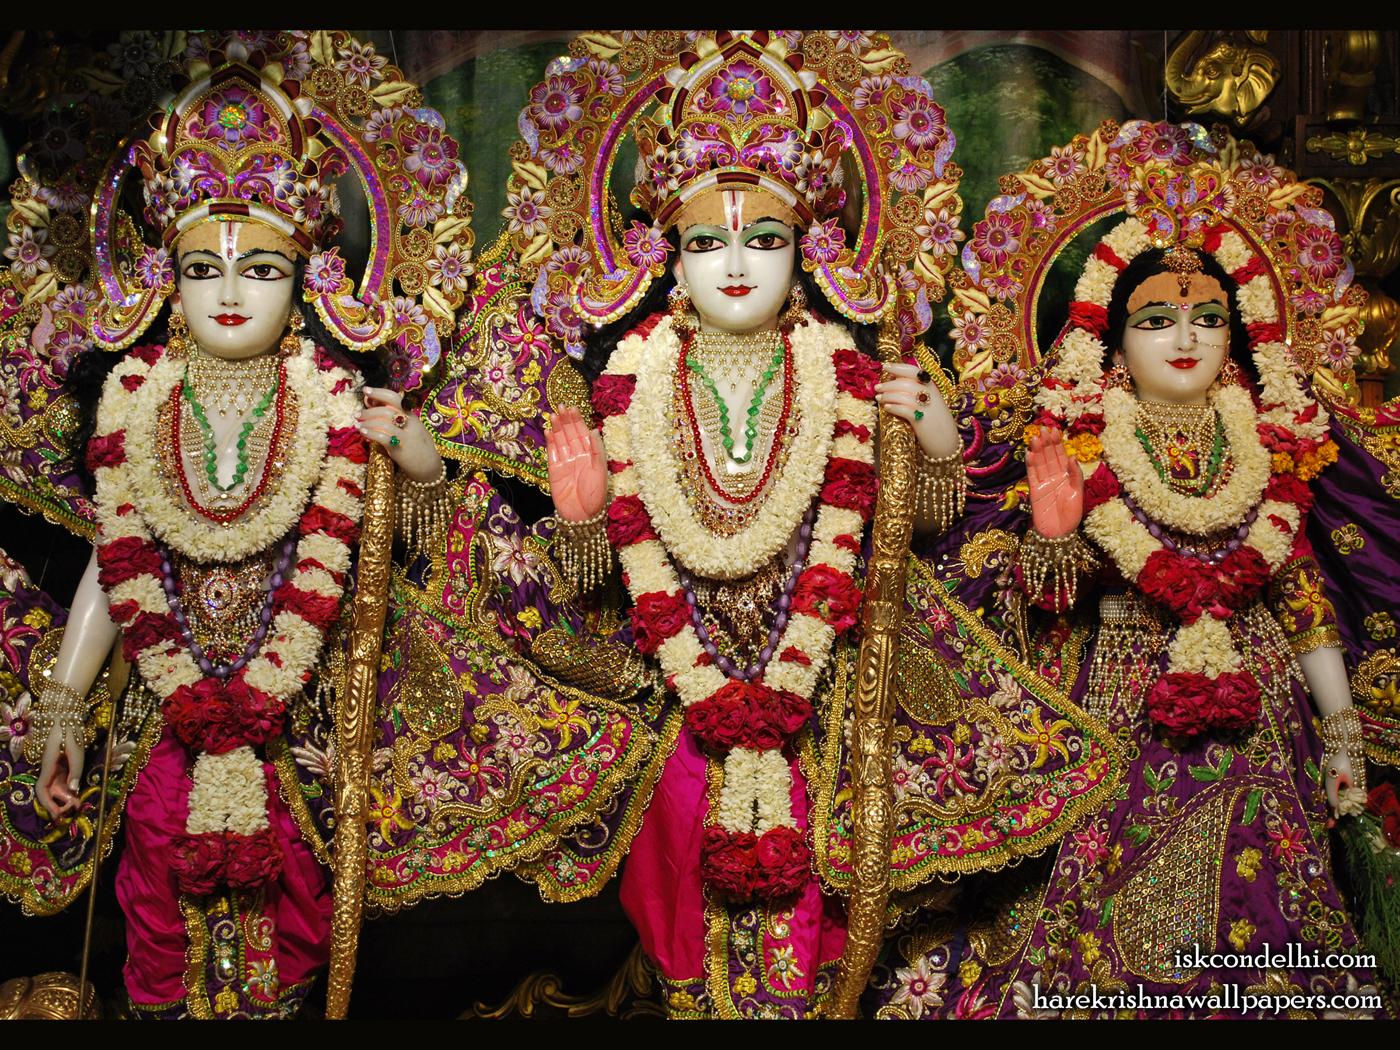 Sri Sri Sita Rama Laxman Wallpaper (007) Size 1400x1050 Download